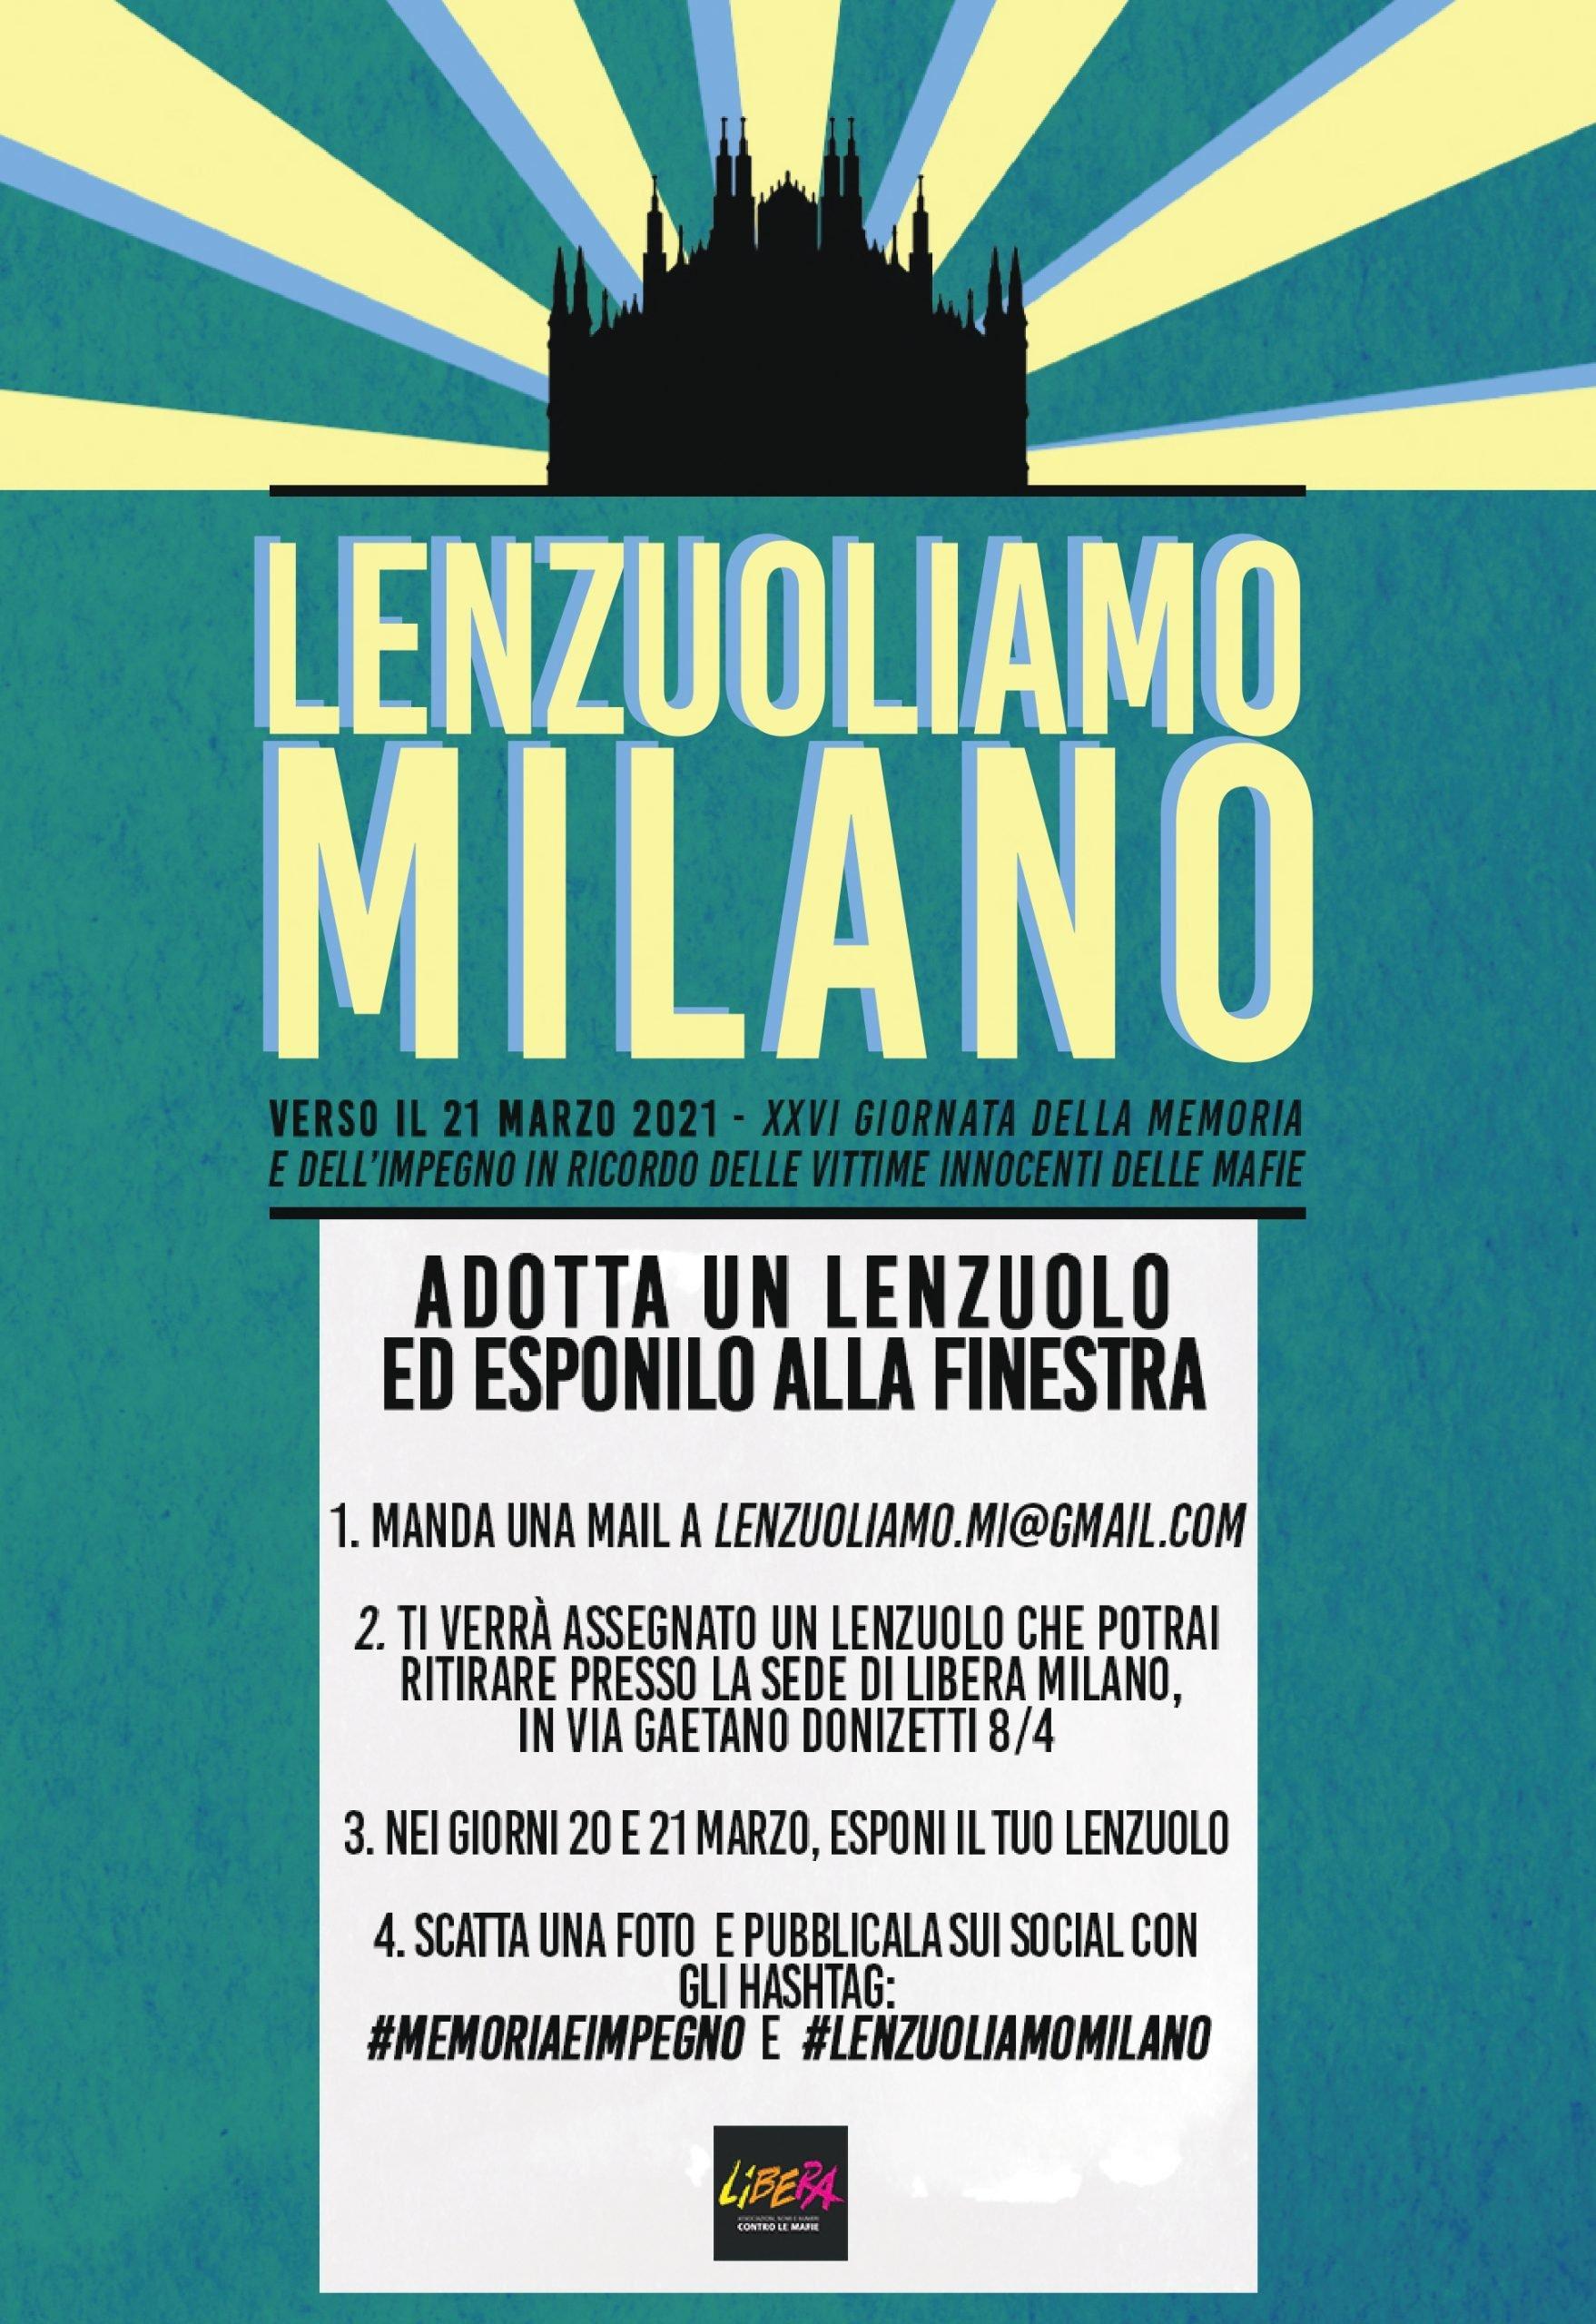 Lenzuoliamo Milano